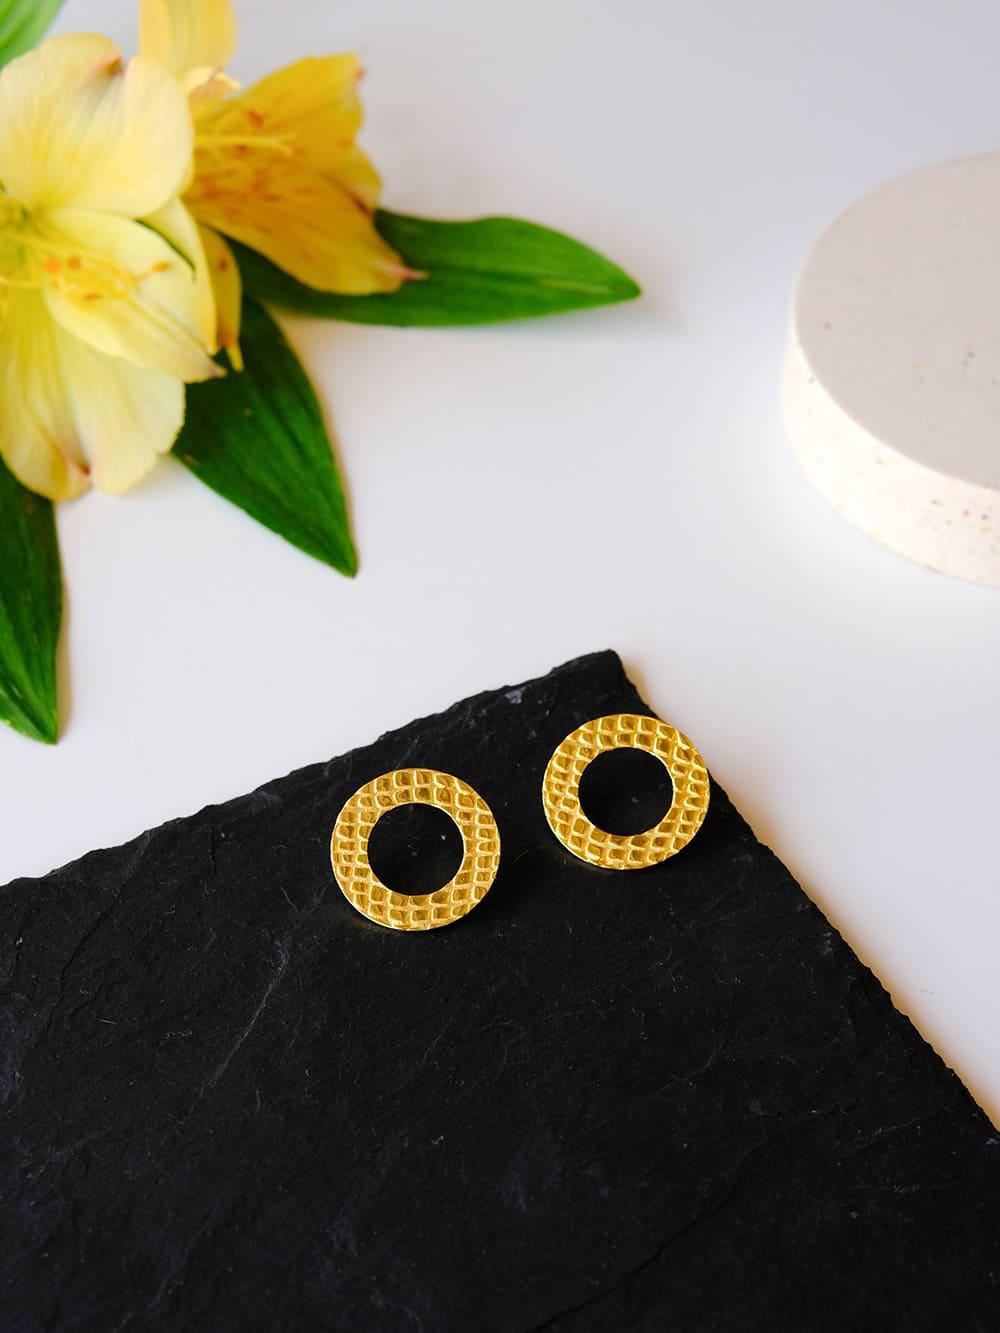 pendientes de oro para diario, aros de oro, pendientes de oro, martelie barcelona, pendientes de diseño para mujer, joyasmarket